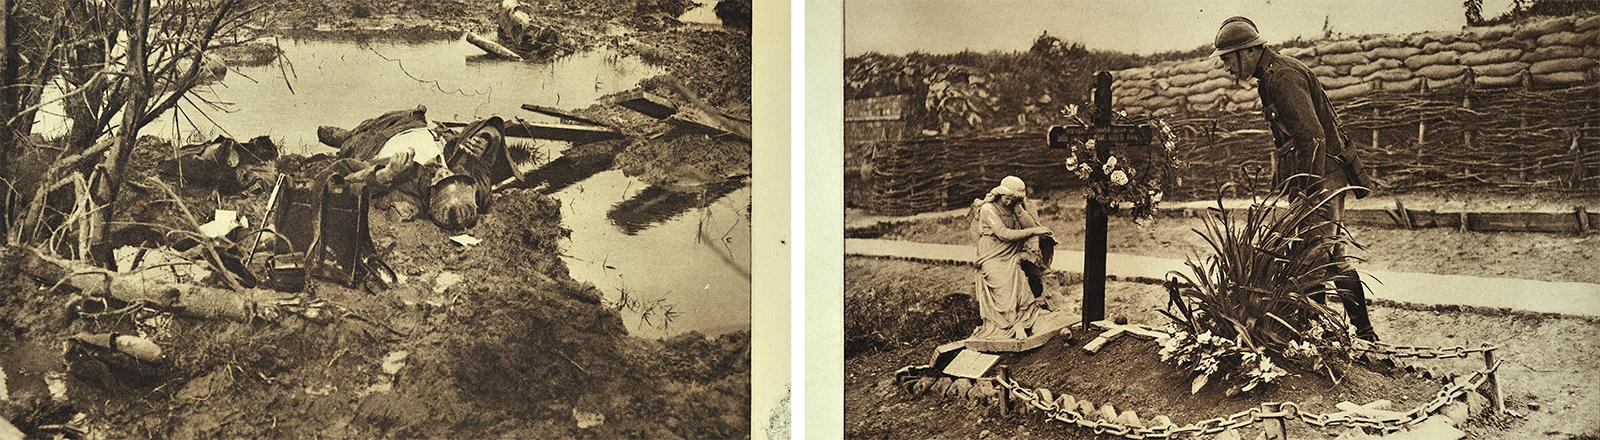 Szenen aus dem Jahr 1917 in Flandern